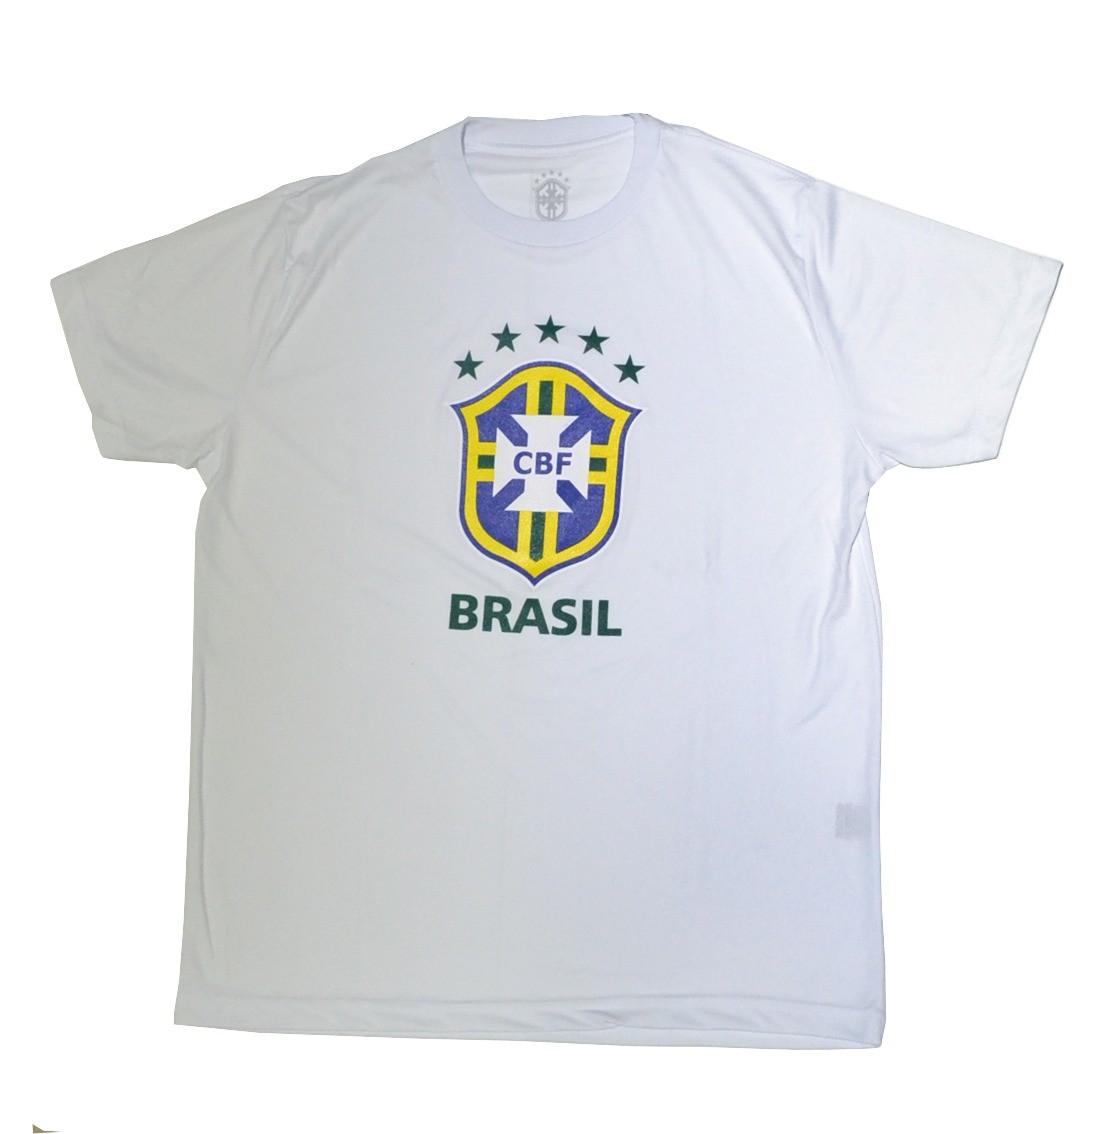 Camisa Brasil Logo CBF - Branca